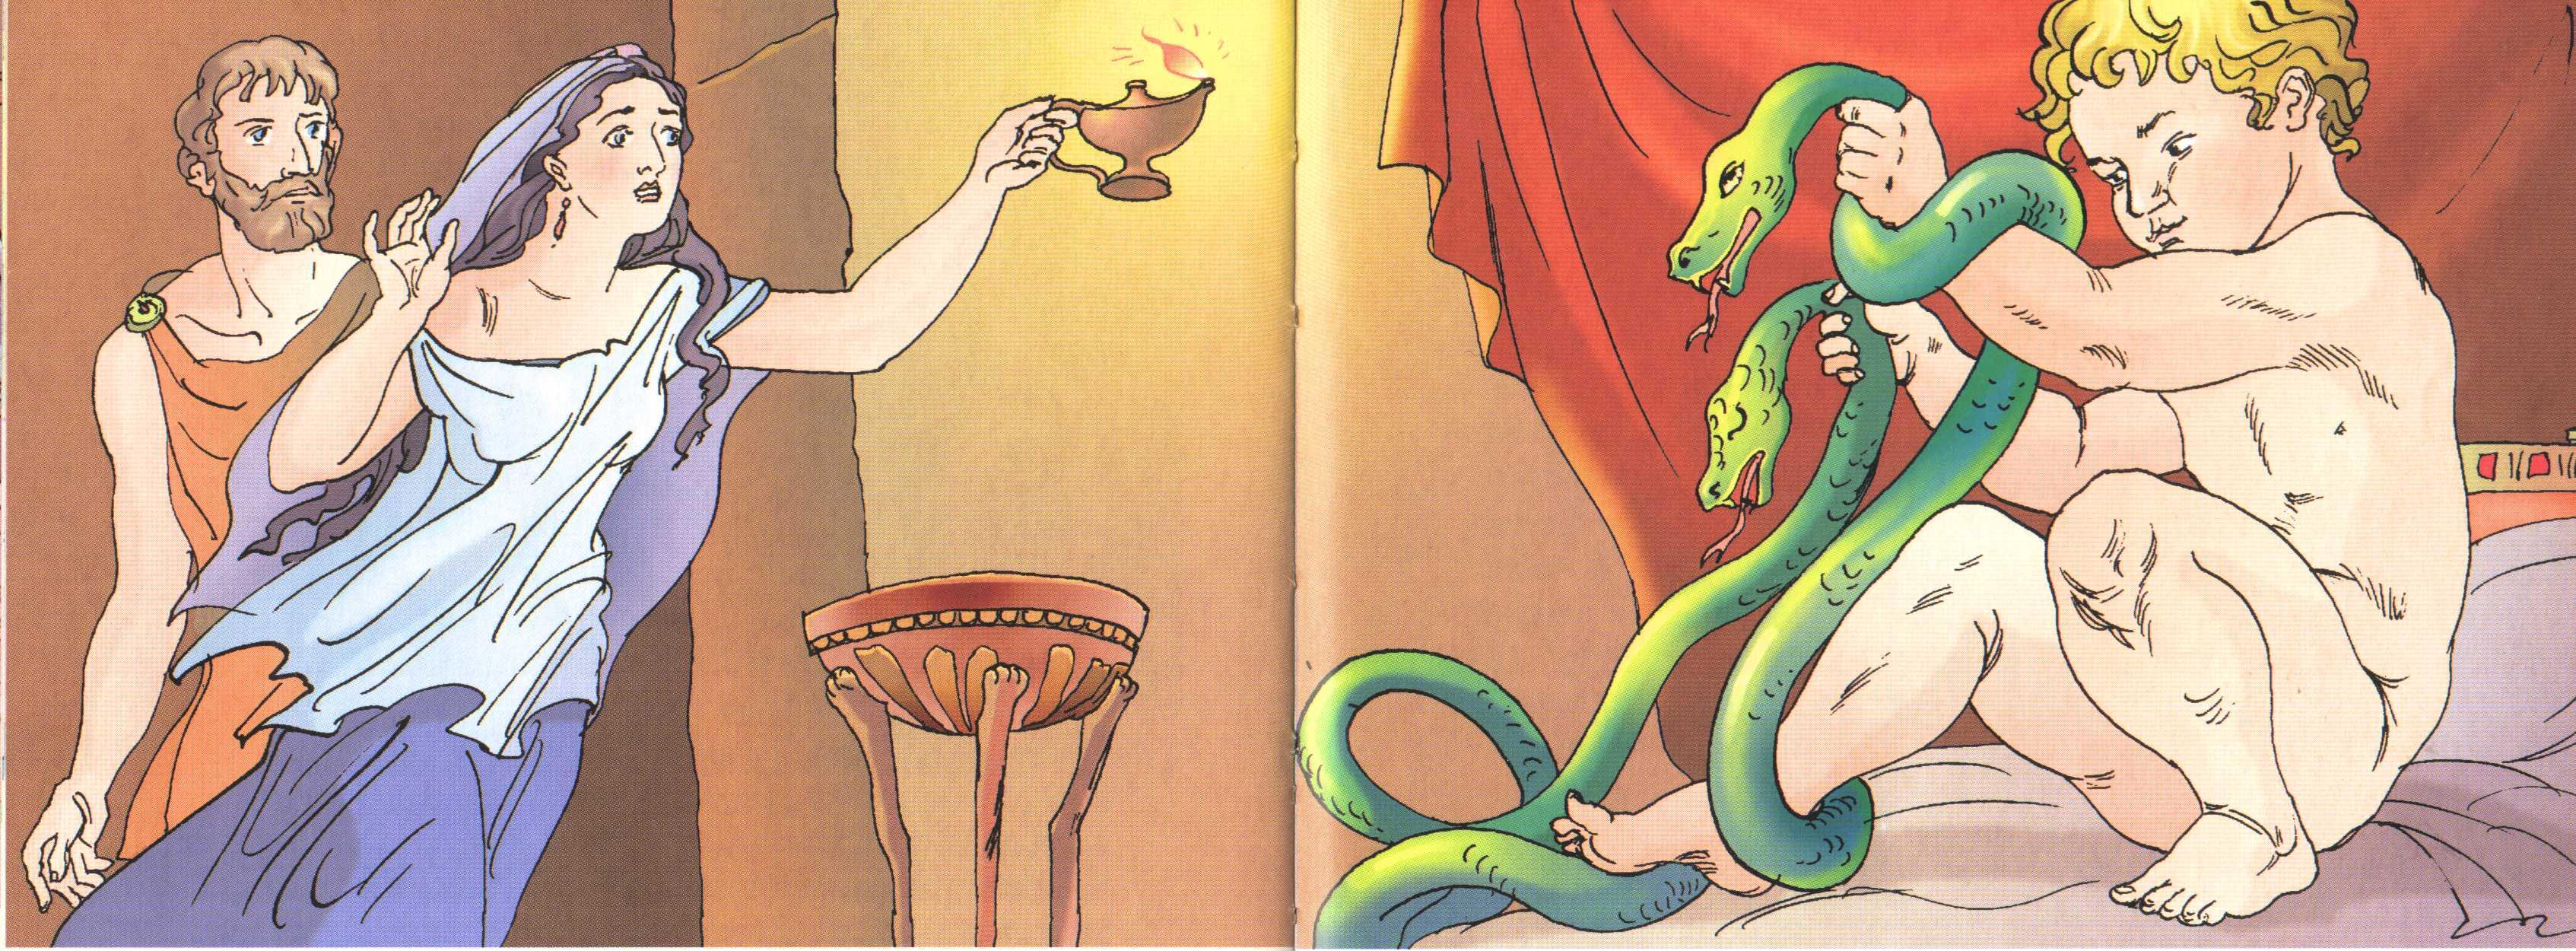 smotret-eroticheskie-podvigi-gerkulesa